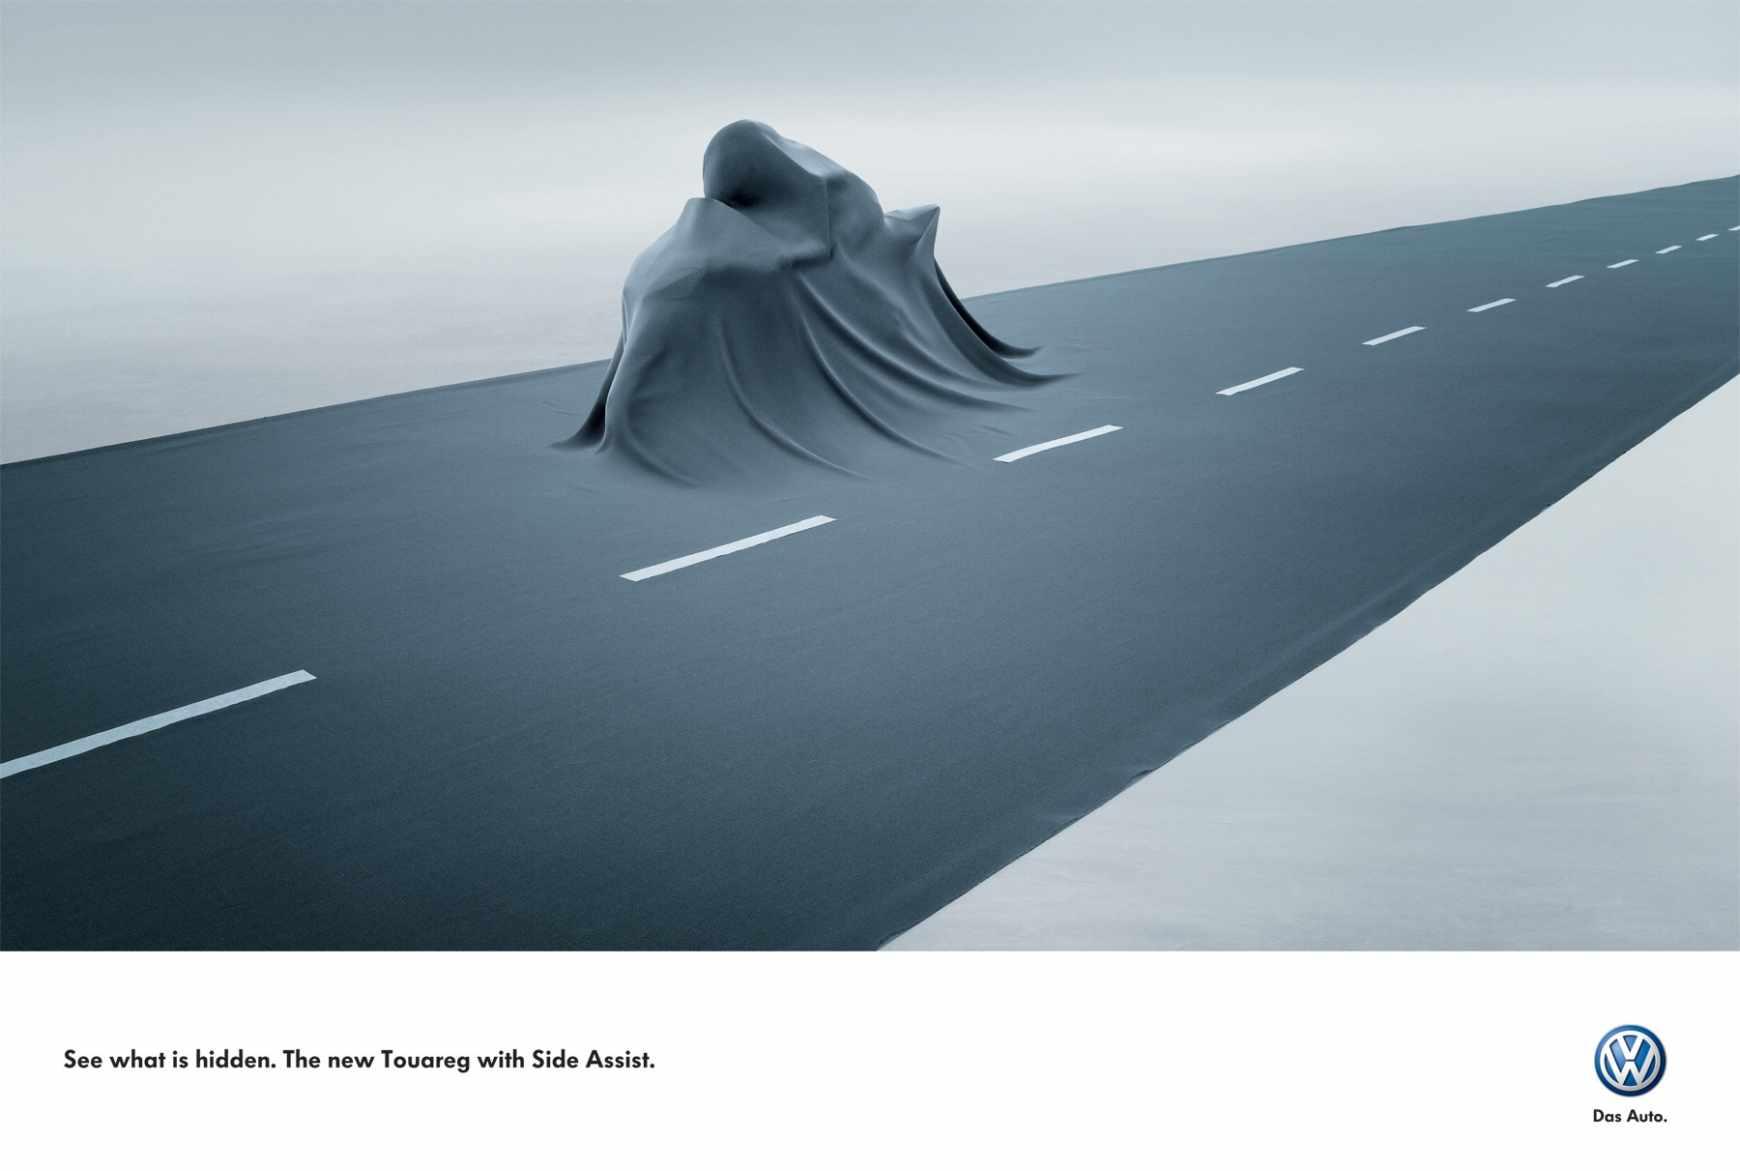 dans-ta-pub-prints-créatifs-brillants-affichage-publicité-70-4